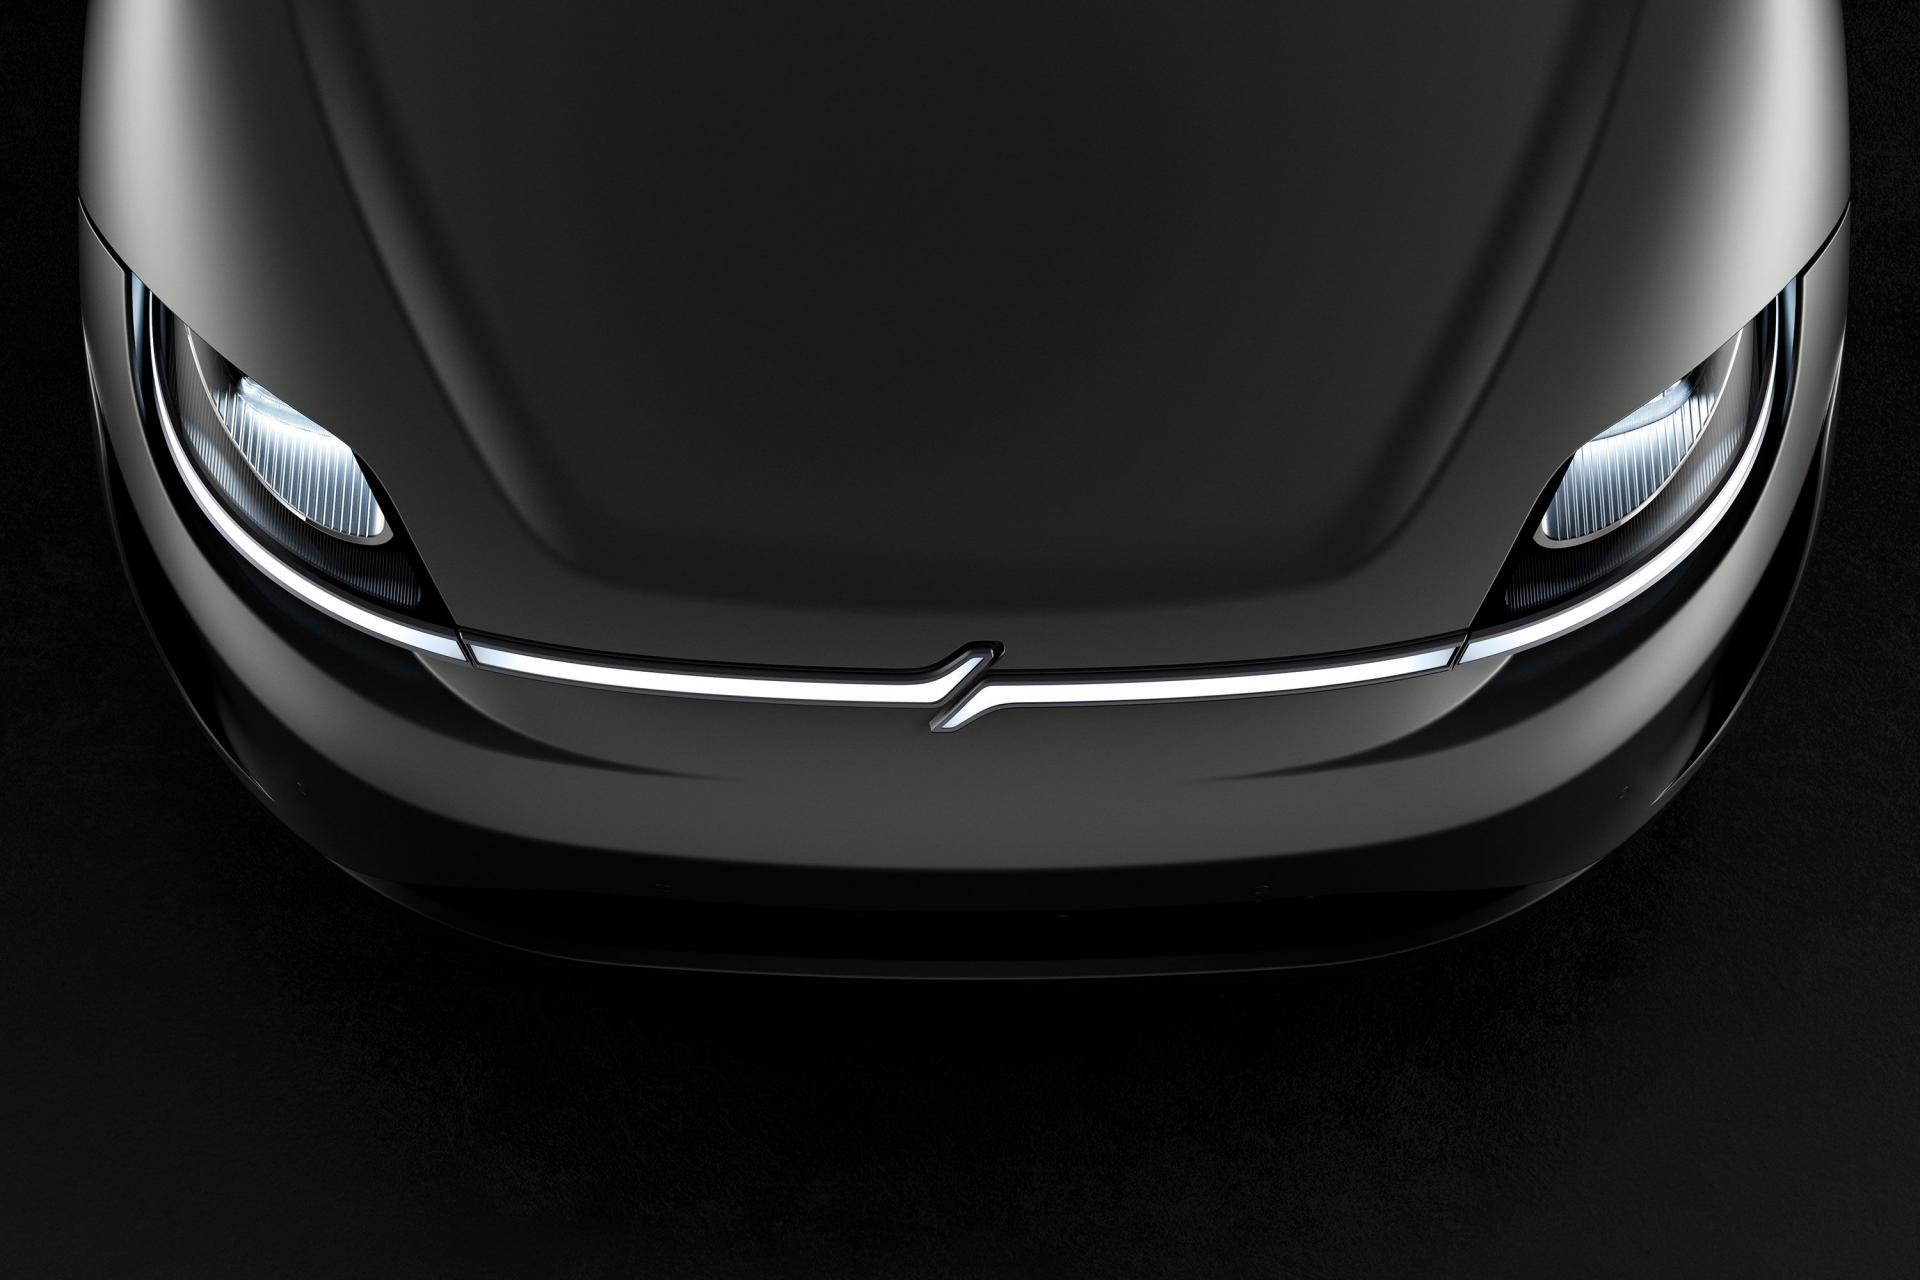 Sony bất ngờ ra mắt mẫu xe điện Vision-S tại CES 2020 - 8